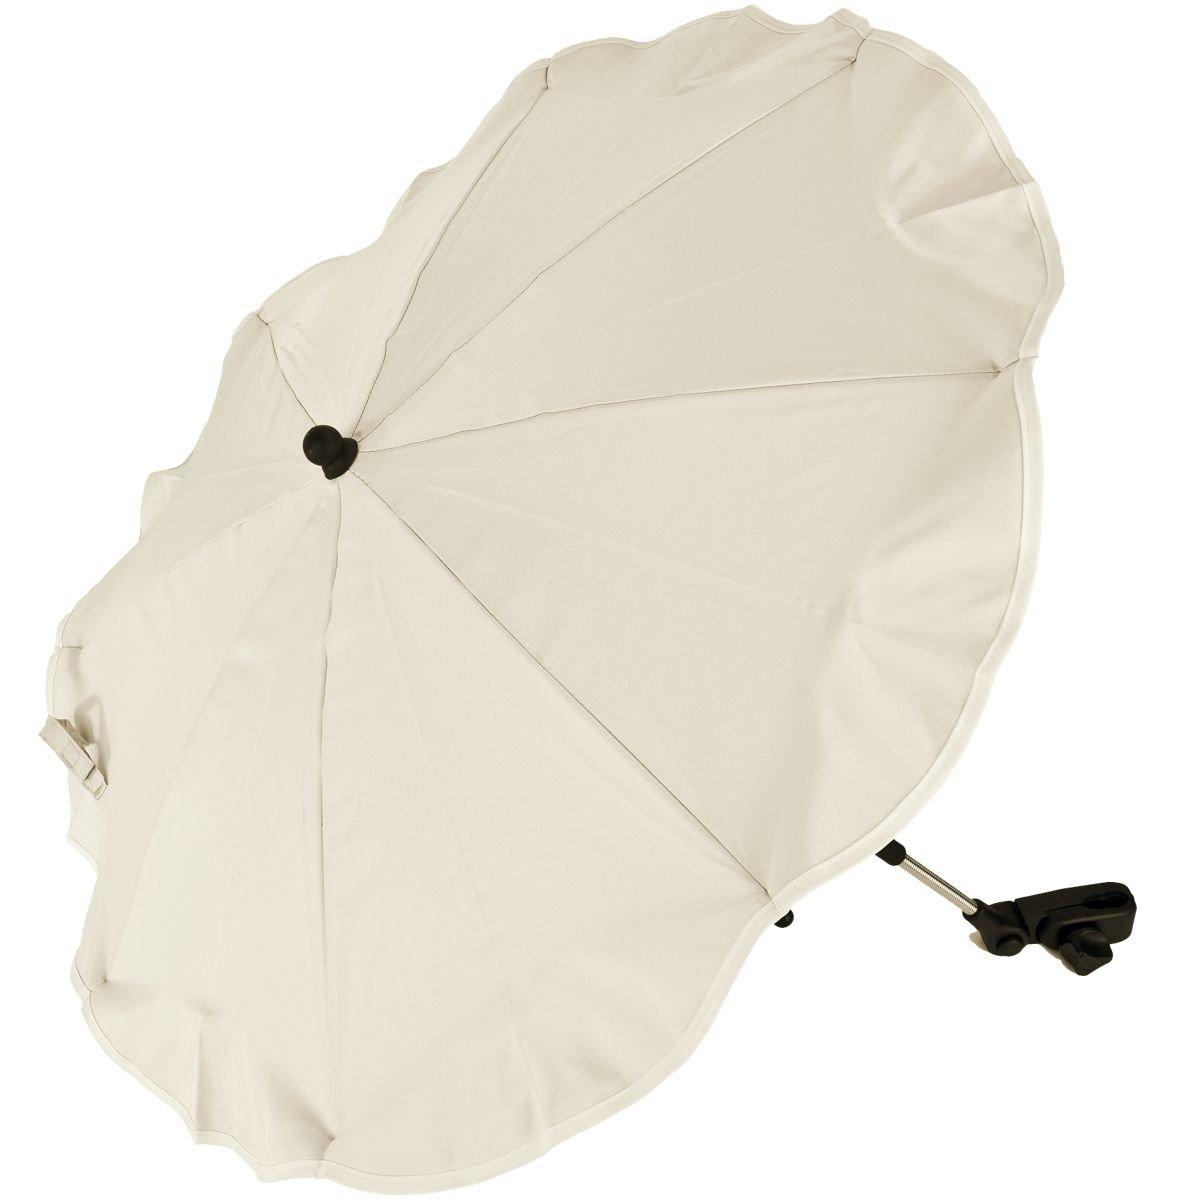 Ombrelle//Antisoleil pour la poussette//protection contre les UV BEIGE 50+